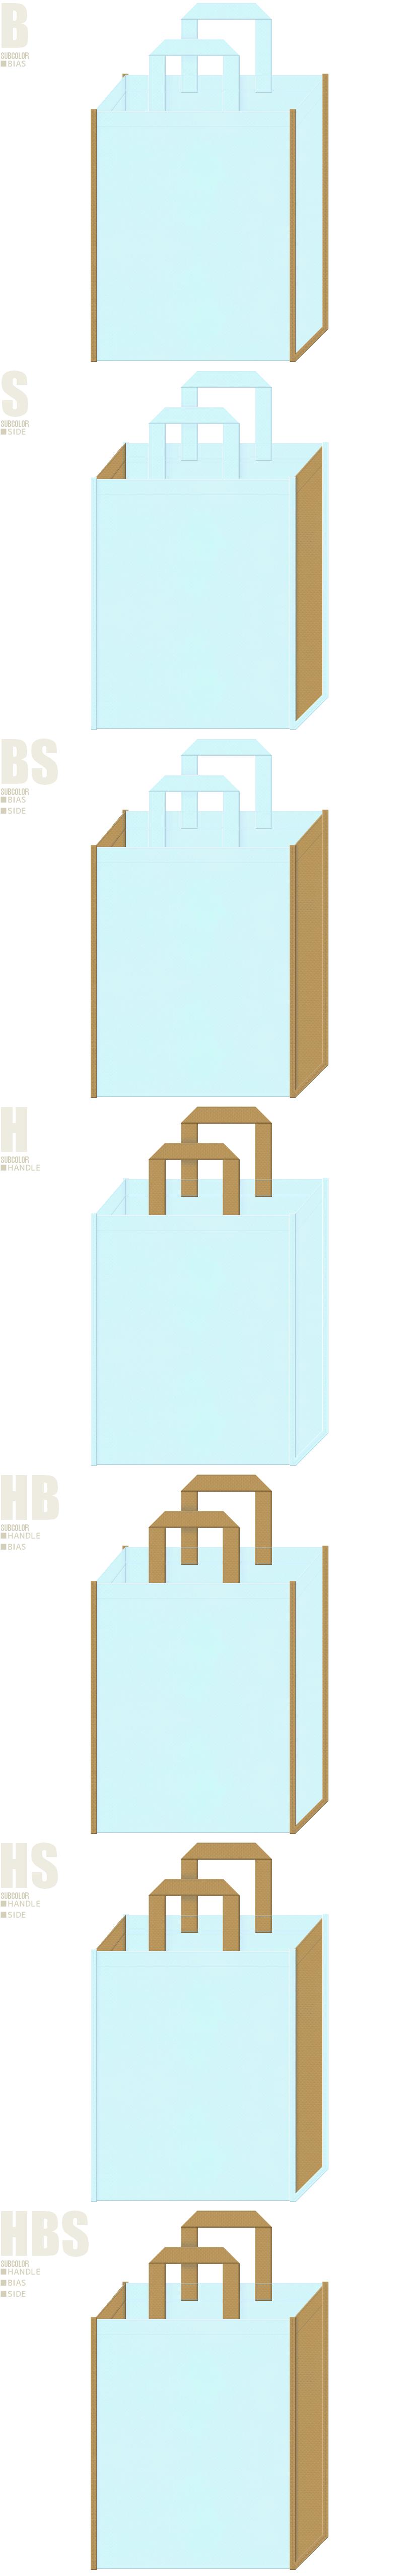 フェミニン・絵本・おとぎ話・ロールプレイングゲーム・ガーリーデザインの不織布バッグにお奨め:水色と金黄土色の配色7パターン